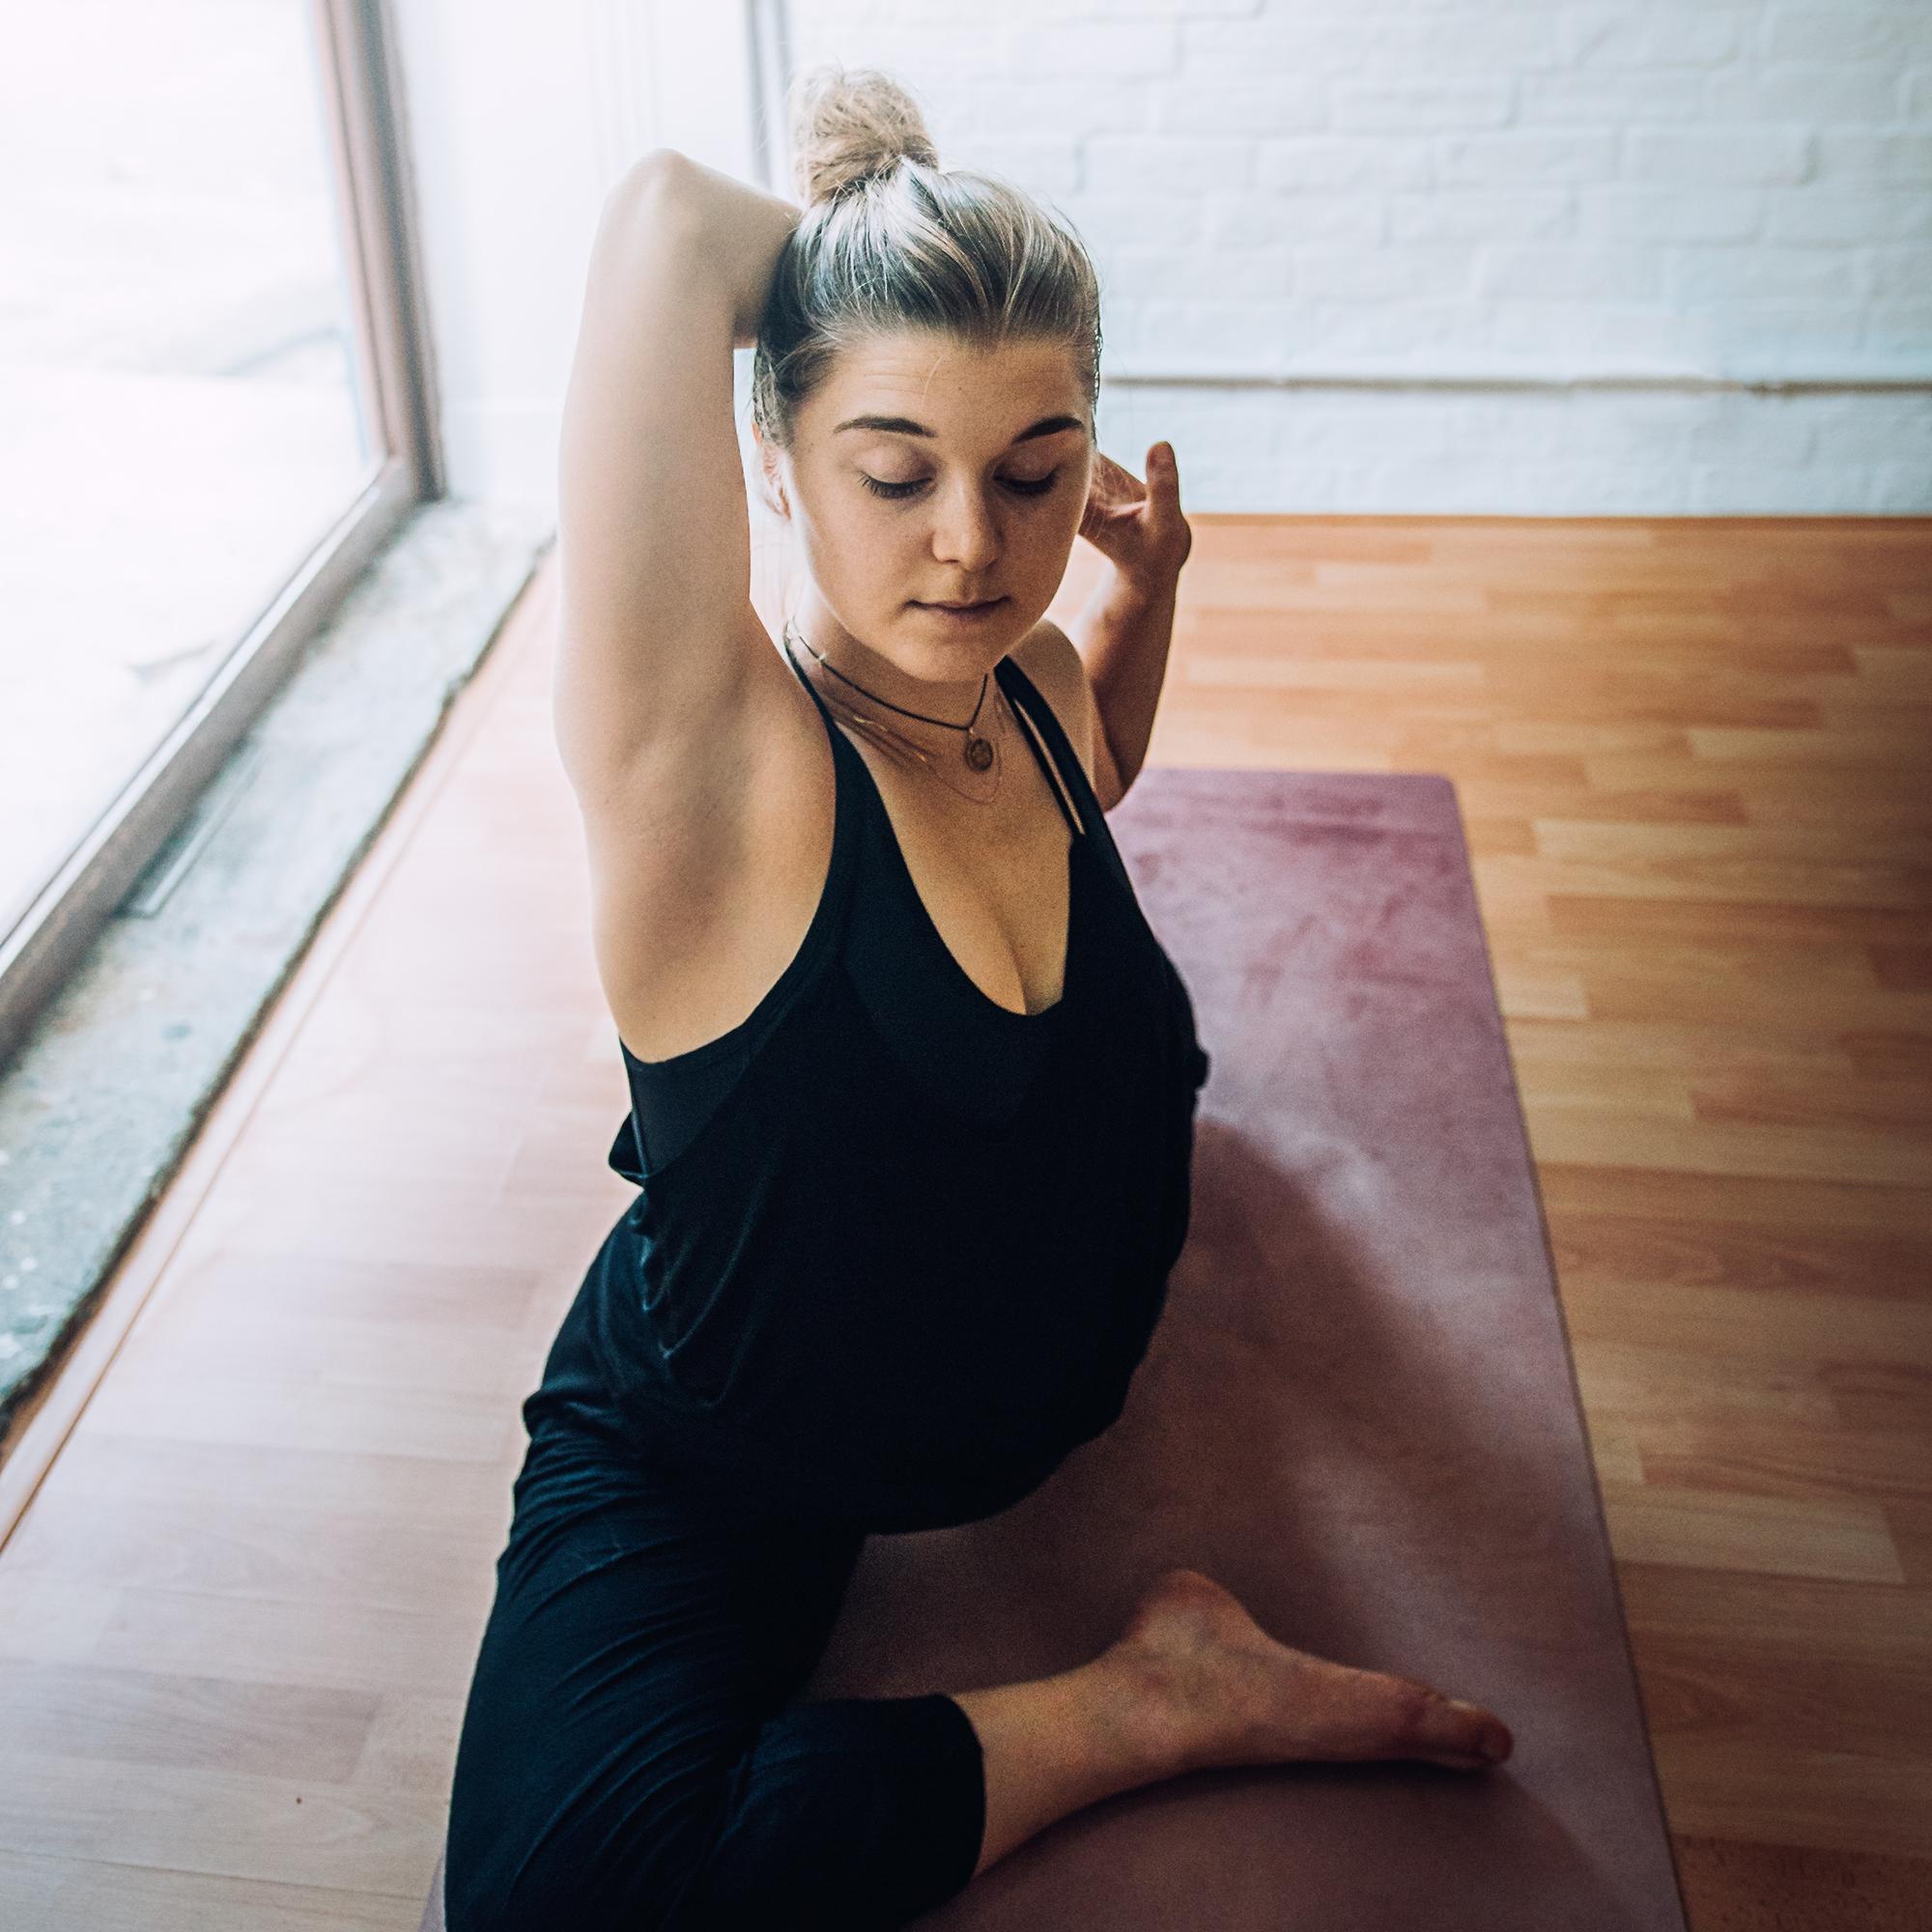 Yoga Girl.png